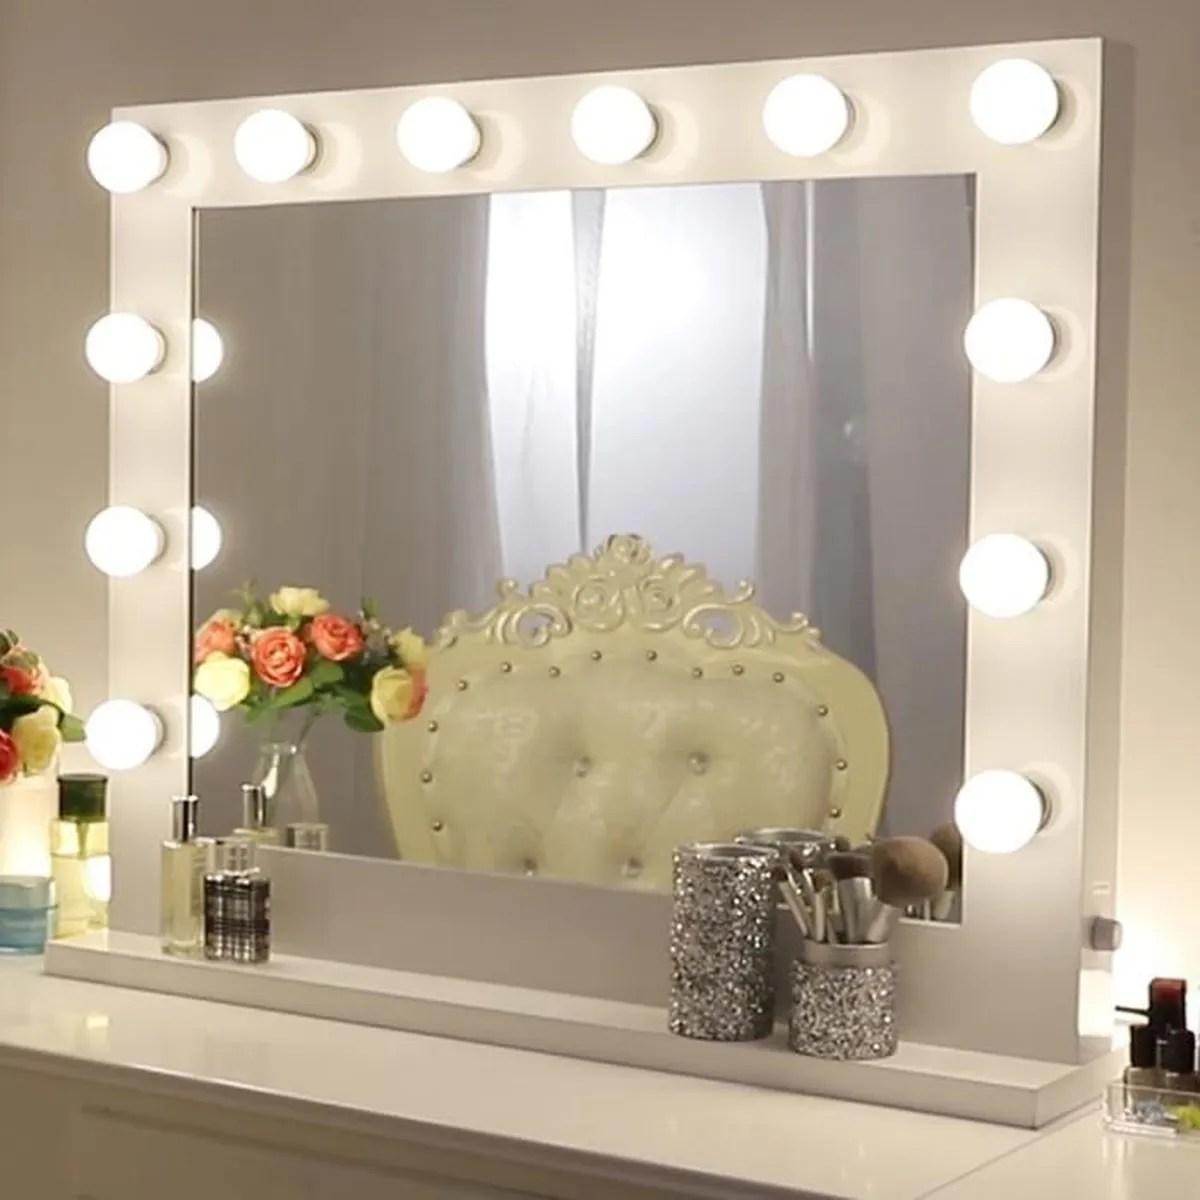 miroir miroir vanite de maquillage de hollywood avec plus